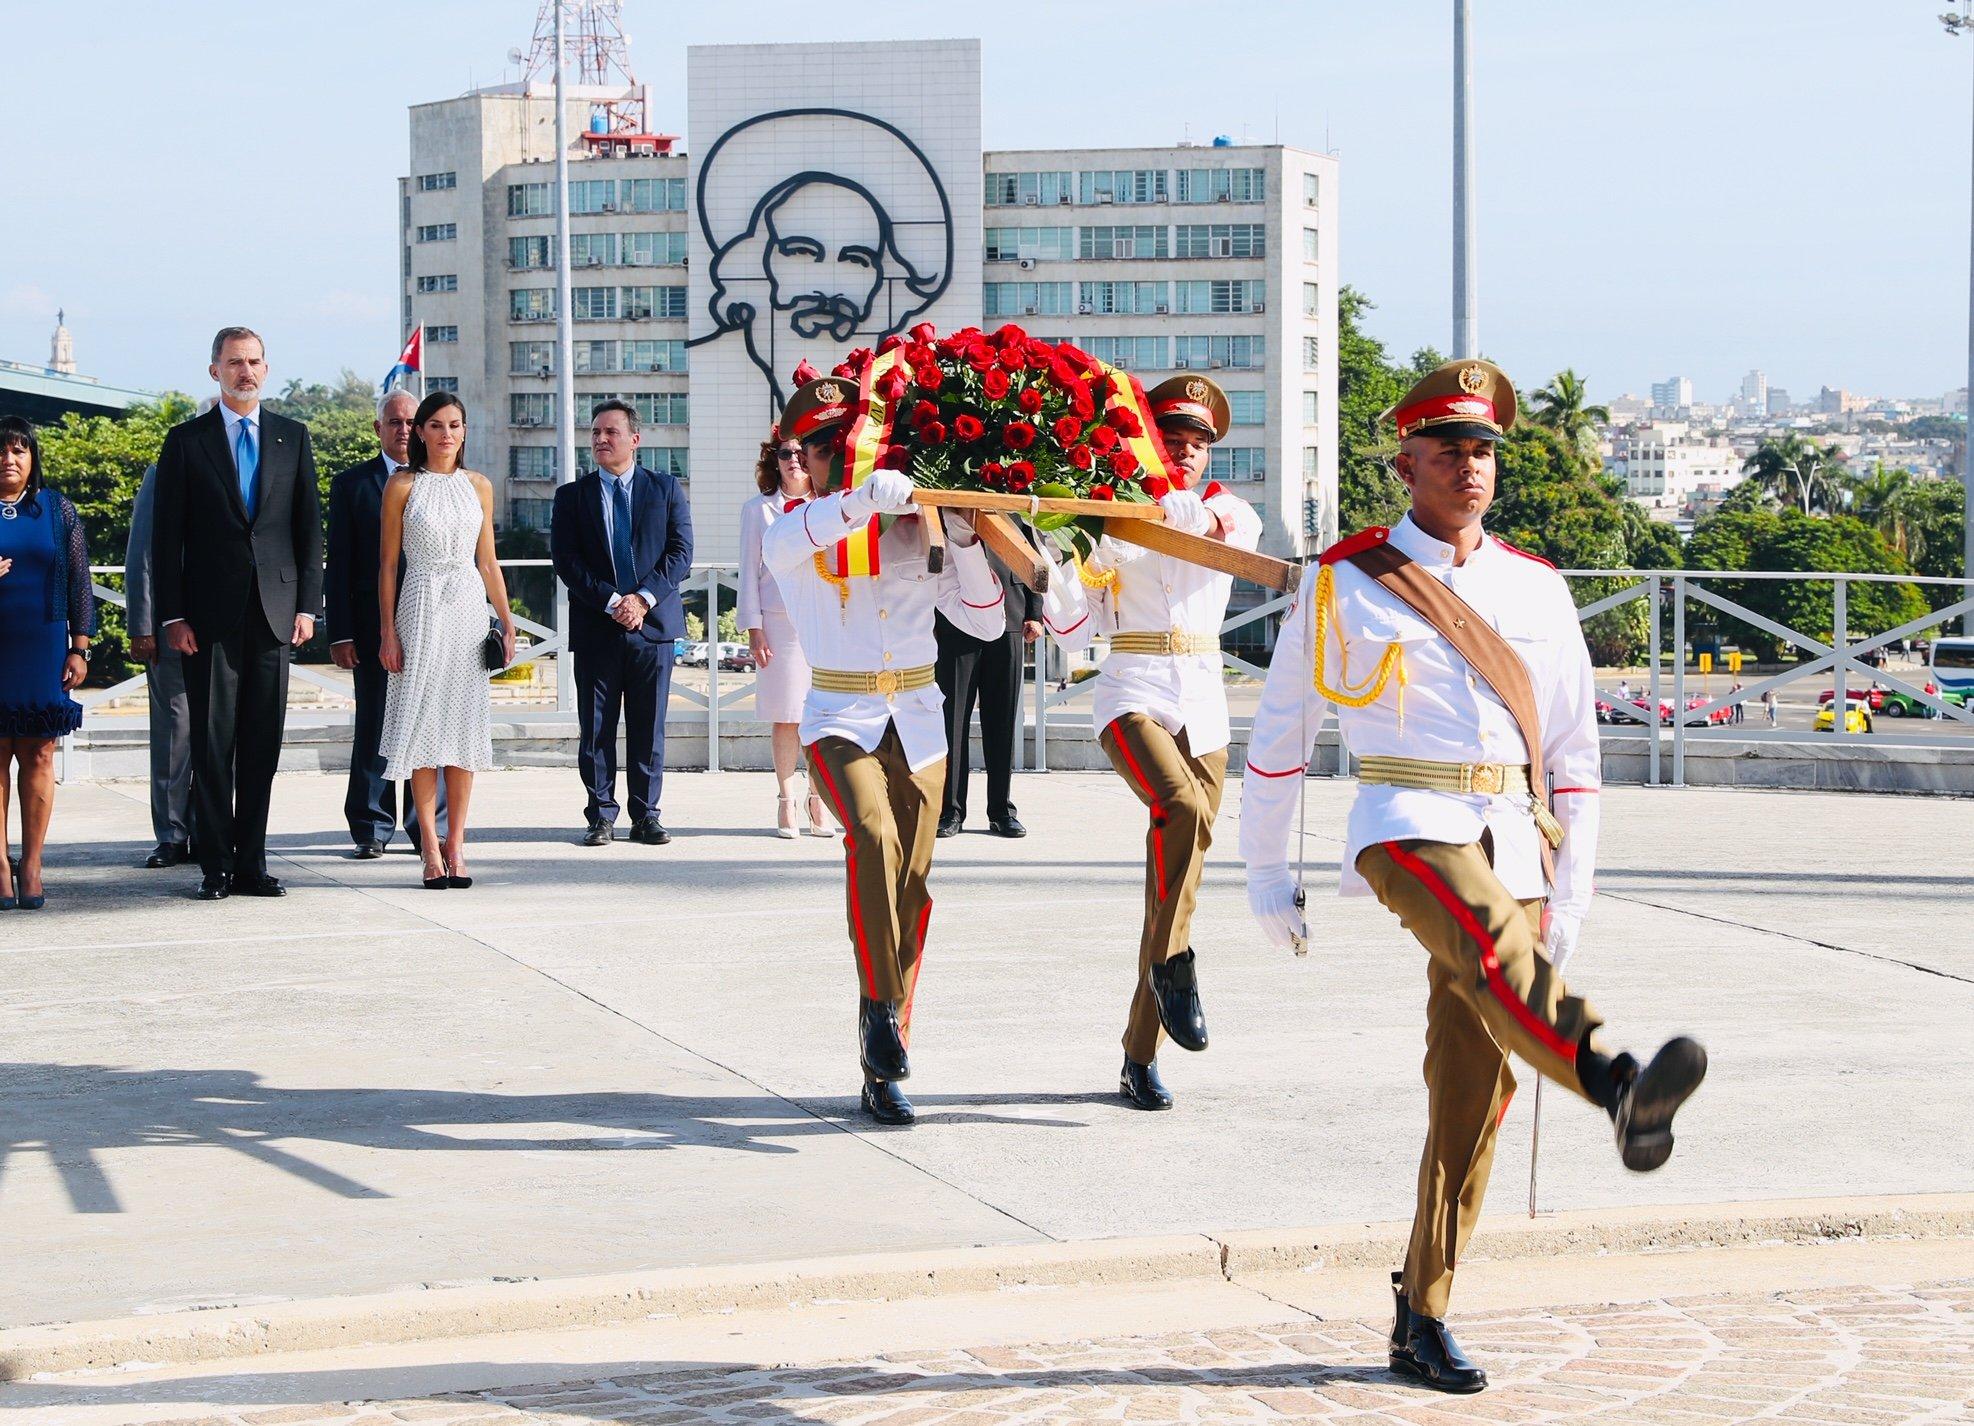 Los Reyes inician su viaje de Estado en Cuba y la reina elige un vestido blanco de lunares